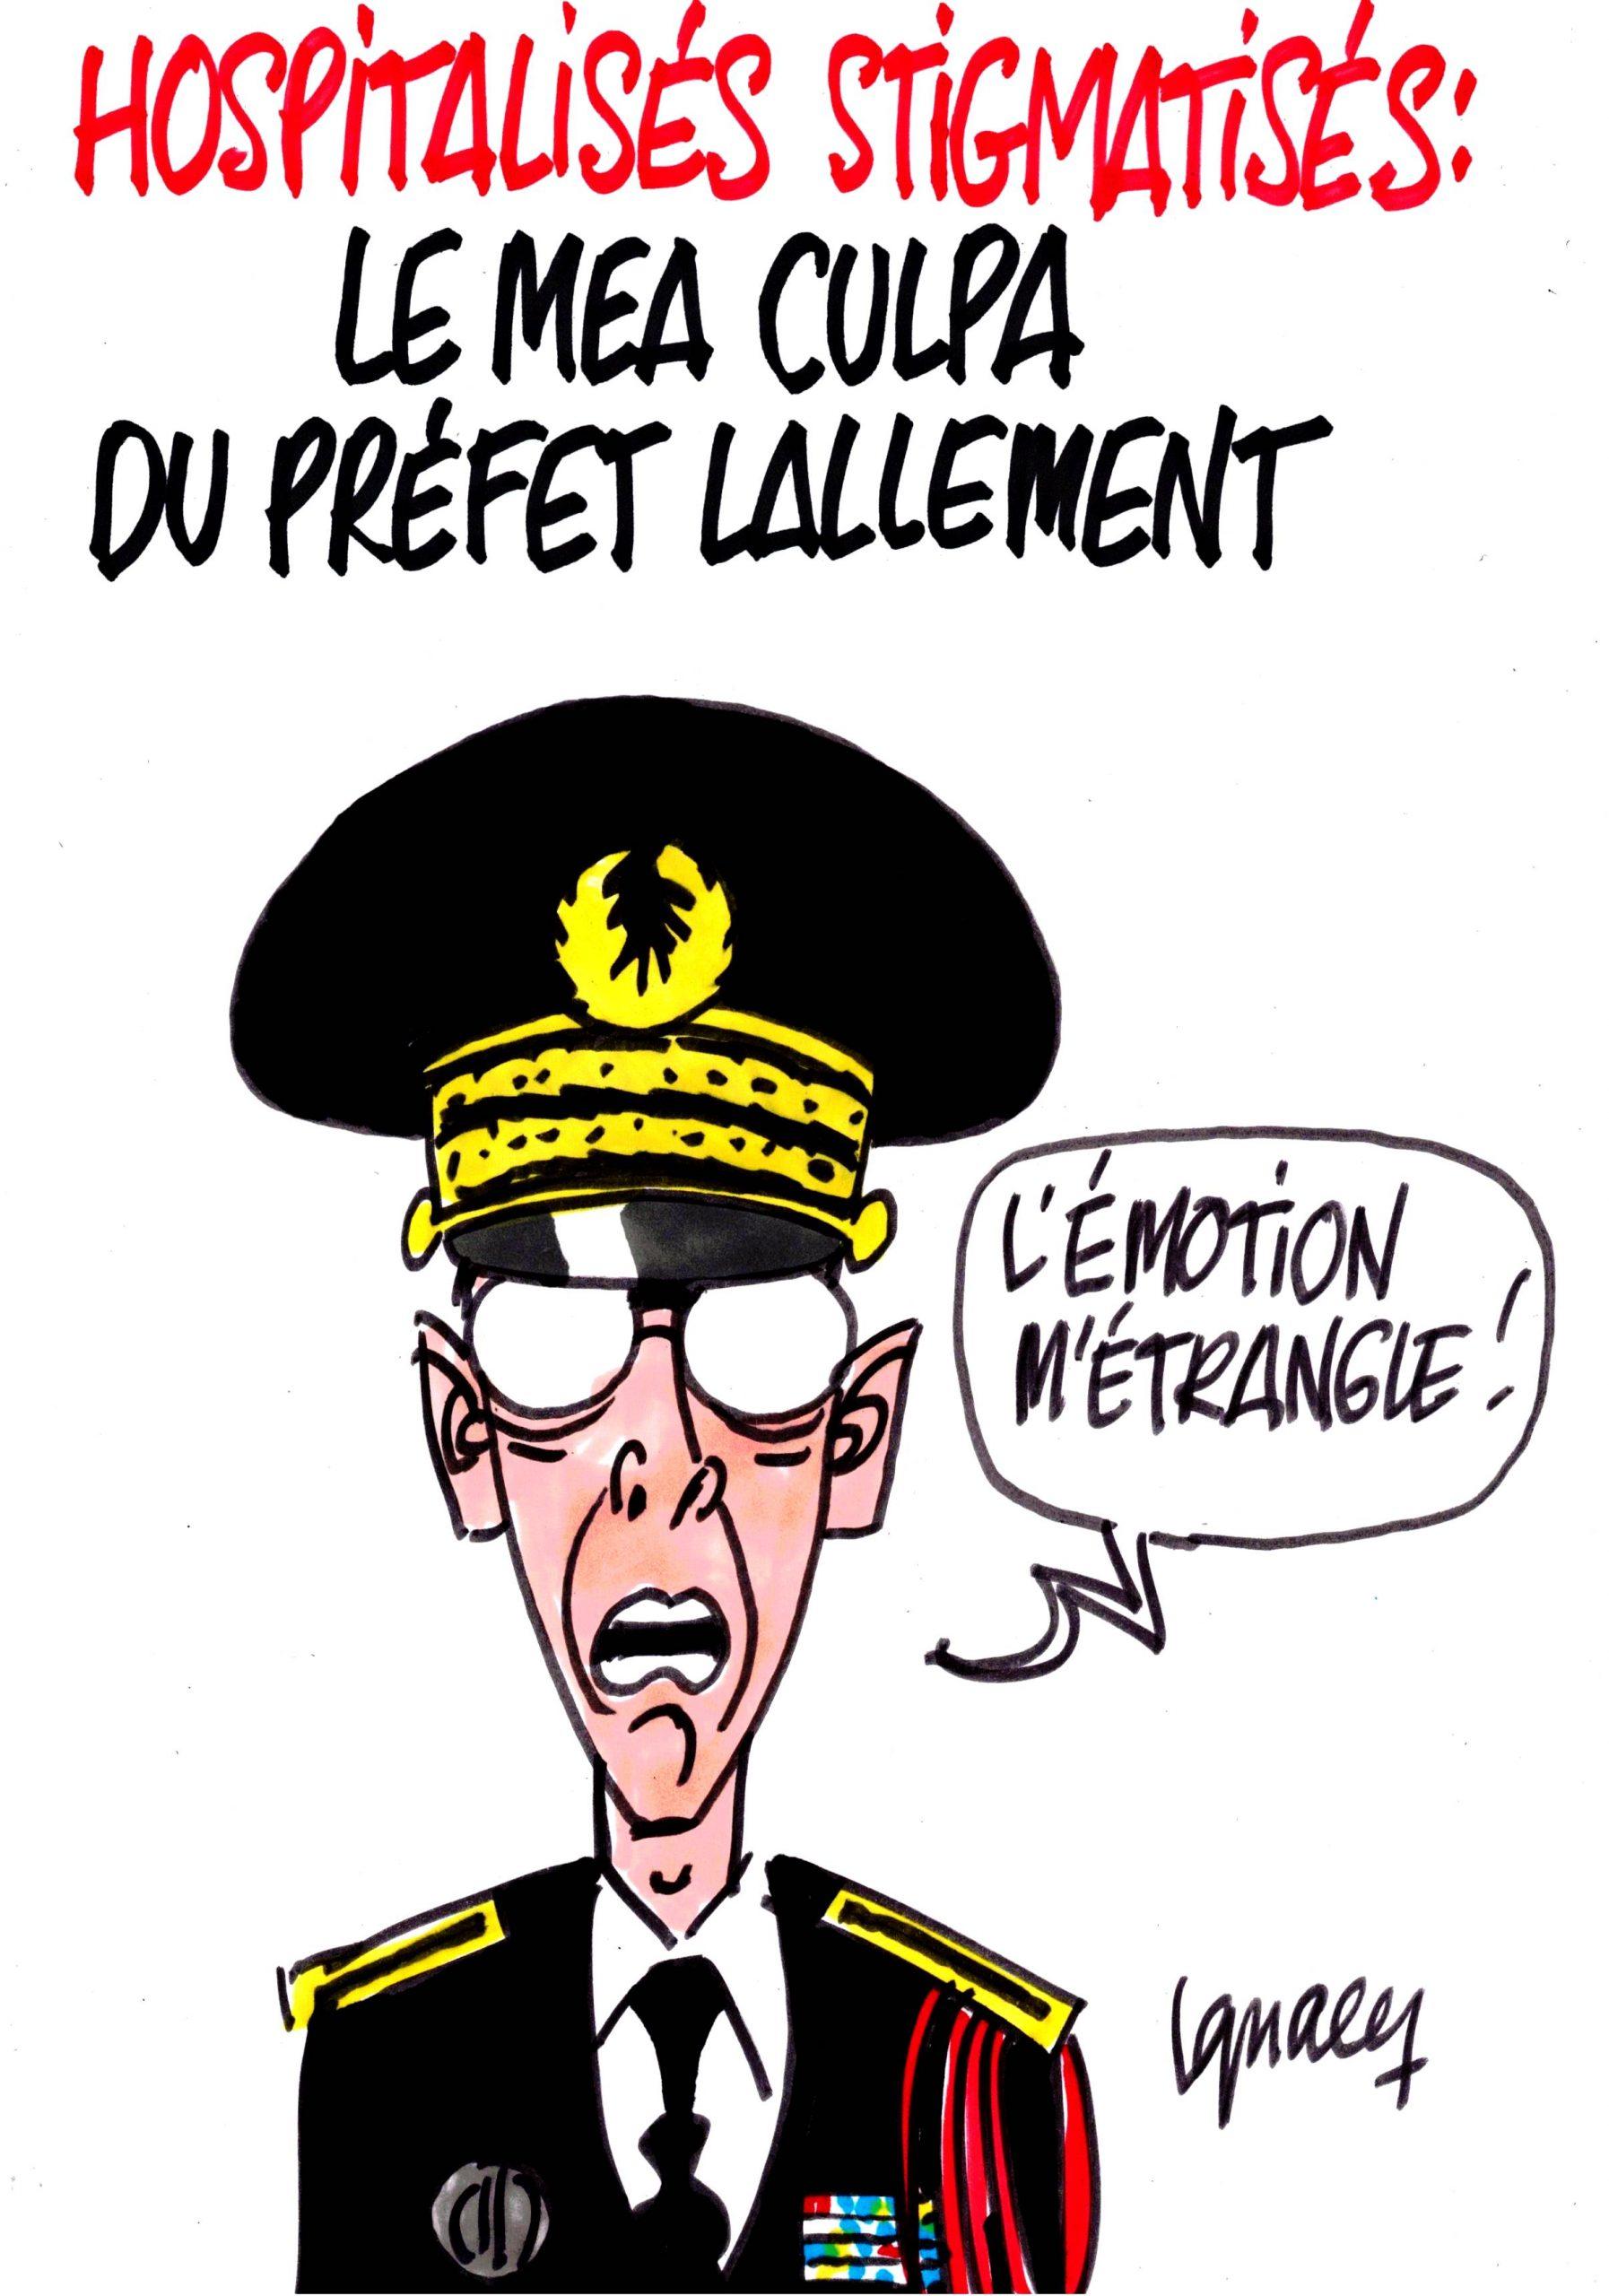 Ignace - Le Préfet Lallement s'excuse